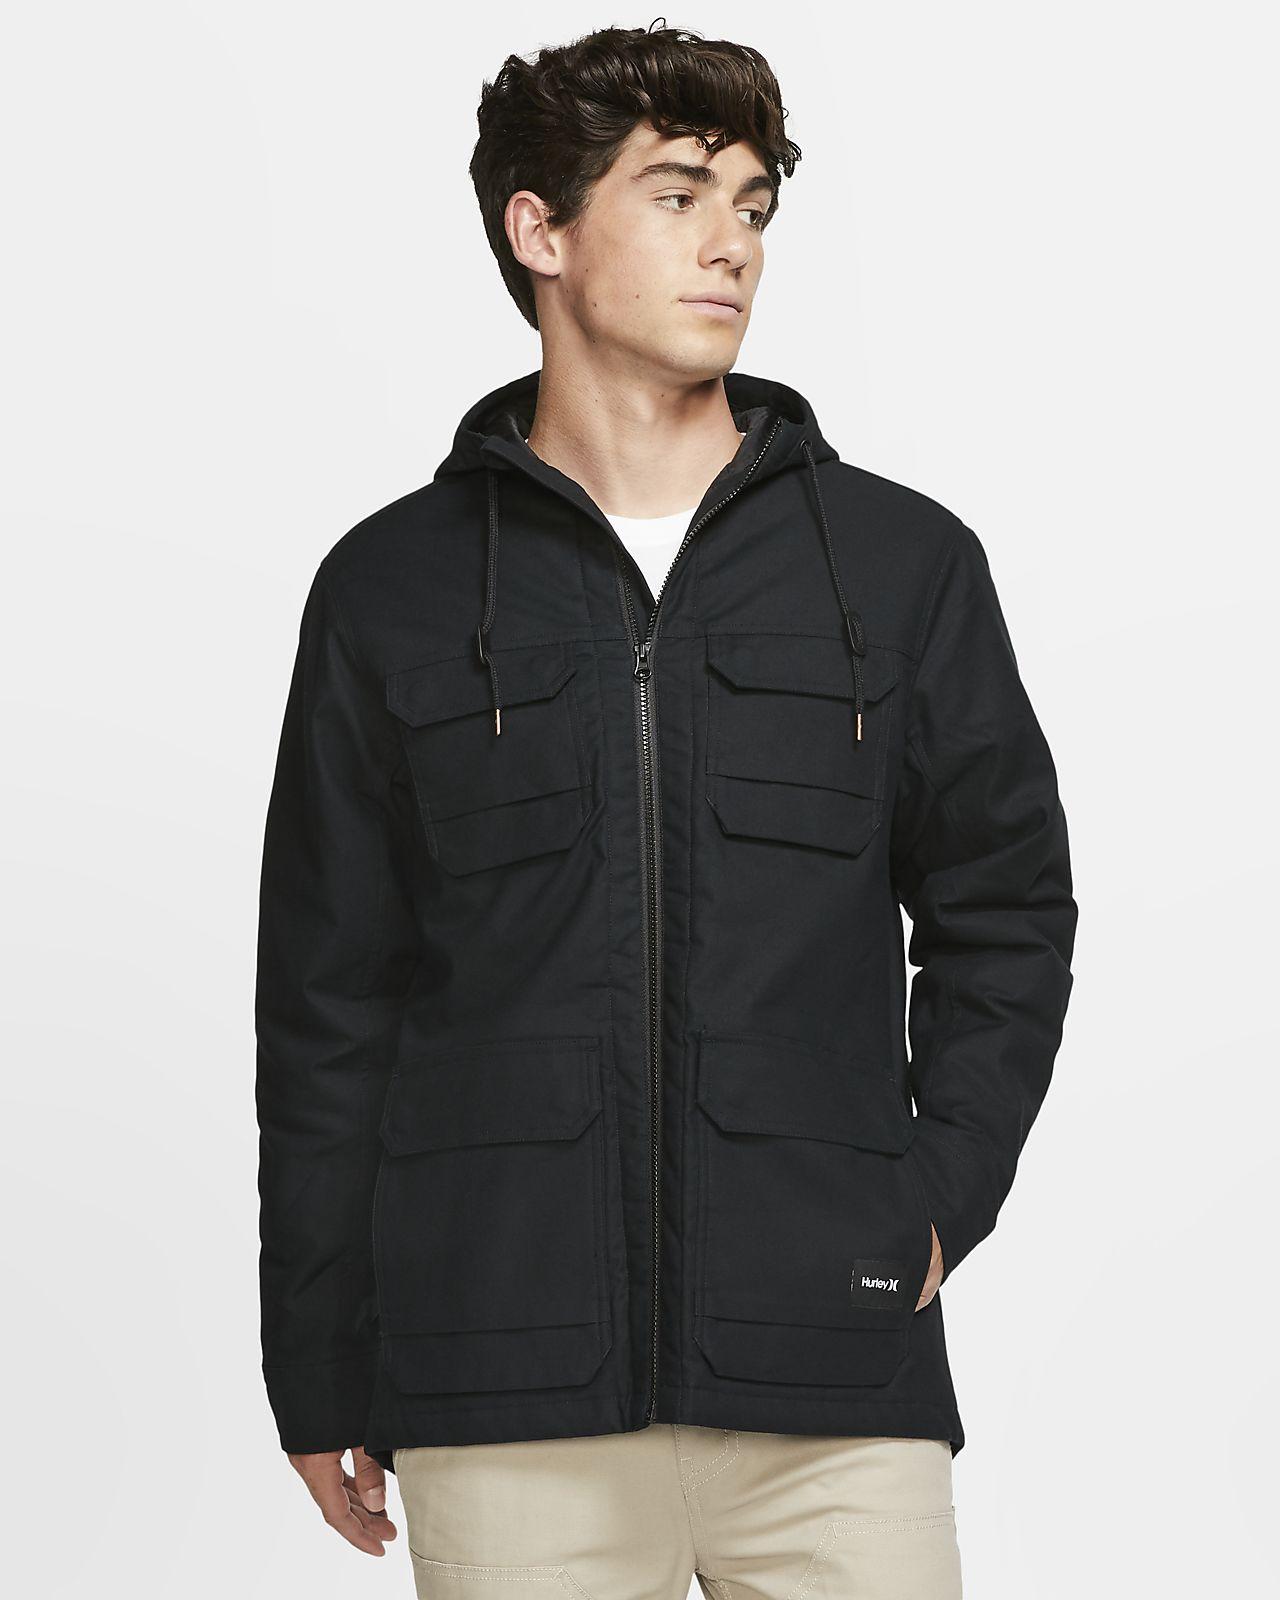 Hurley M65 Storm Cotton™-jakke til mænd